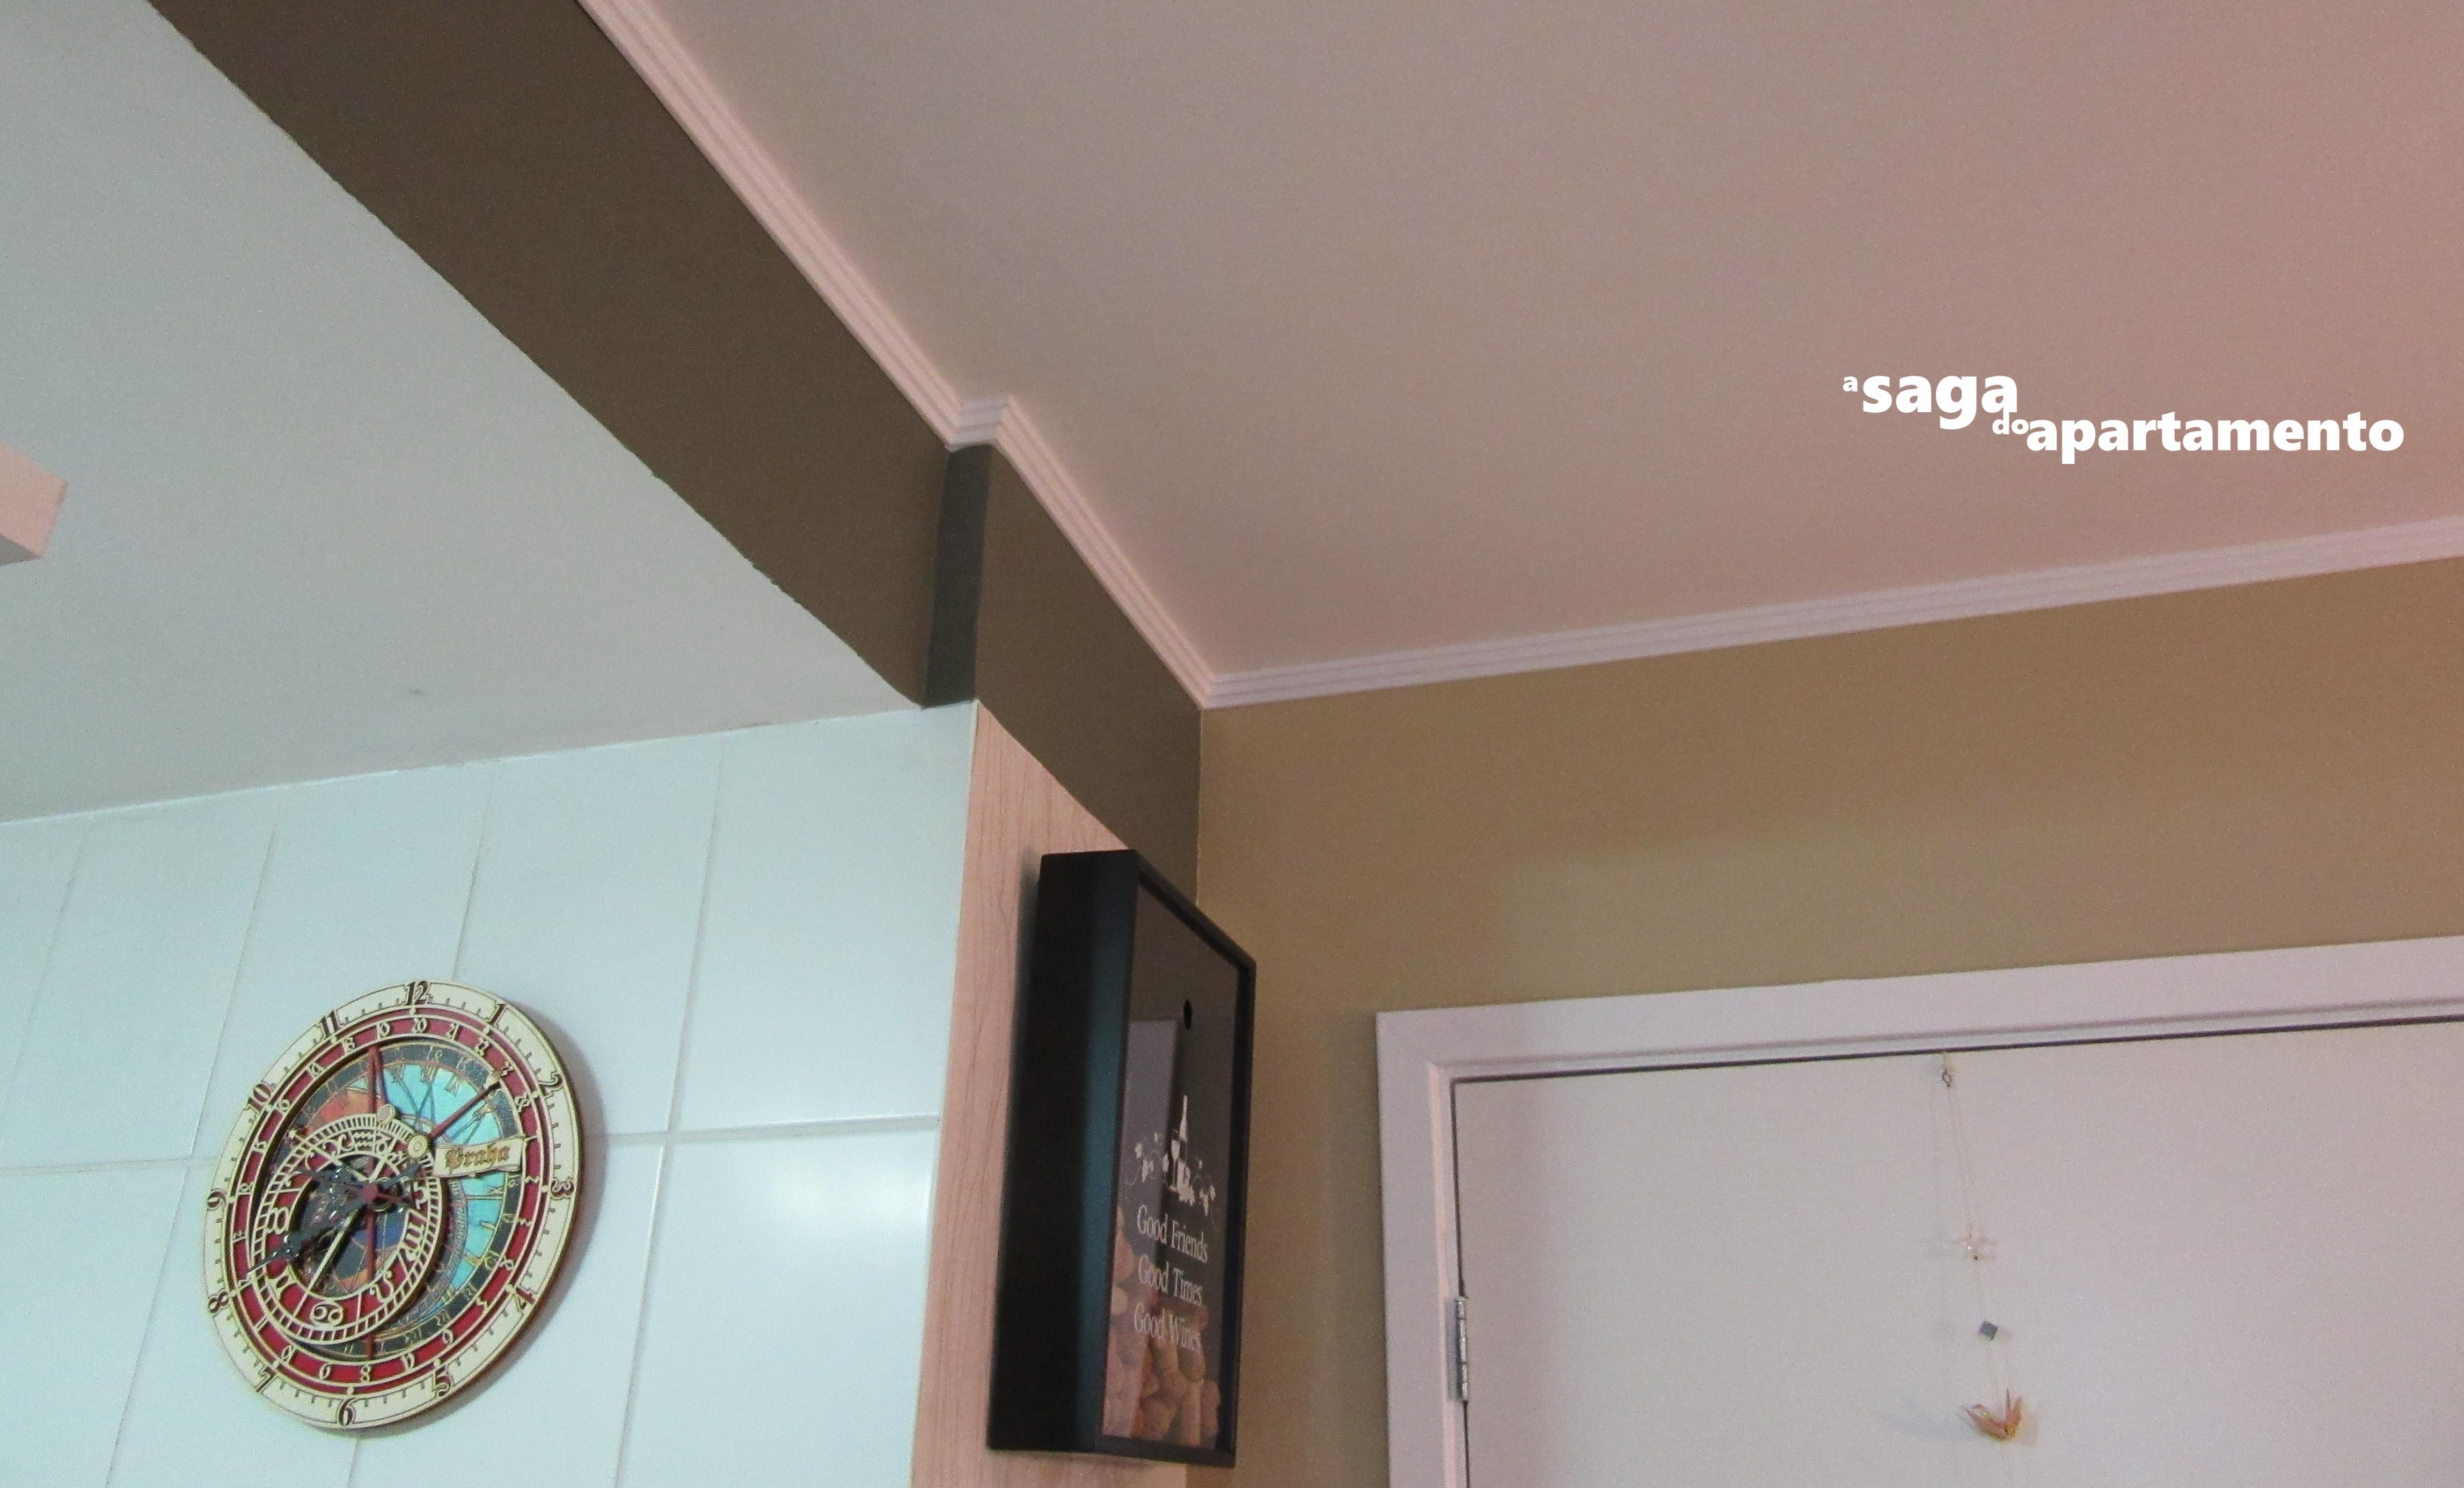 K1 Moldura A Saga Do Apartamento -> Modelo De Forro Rebaixado Em Apartamentos 51M2